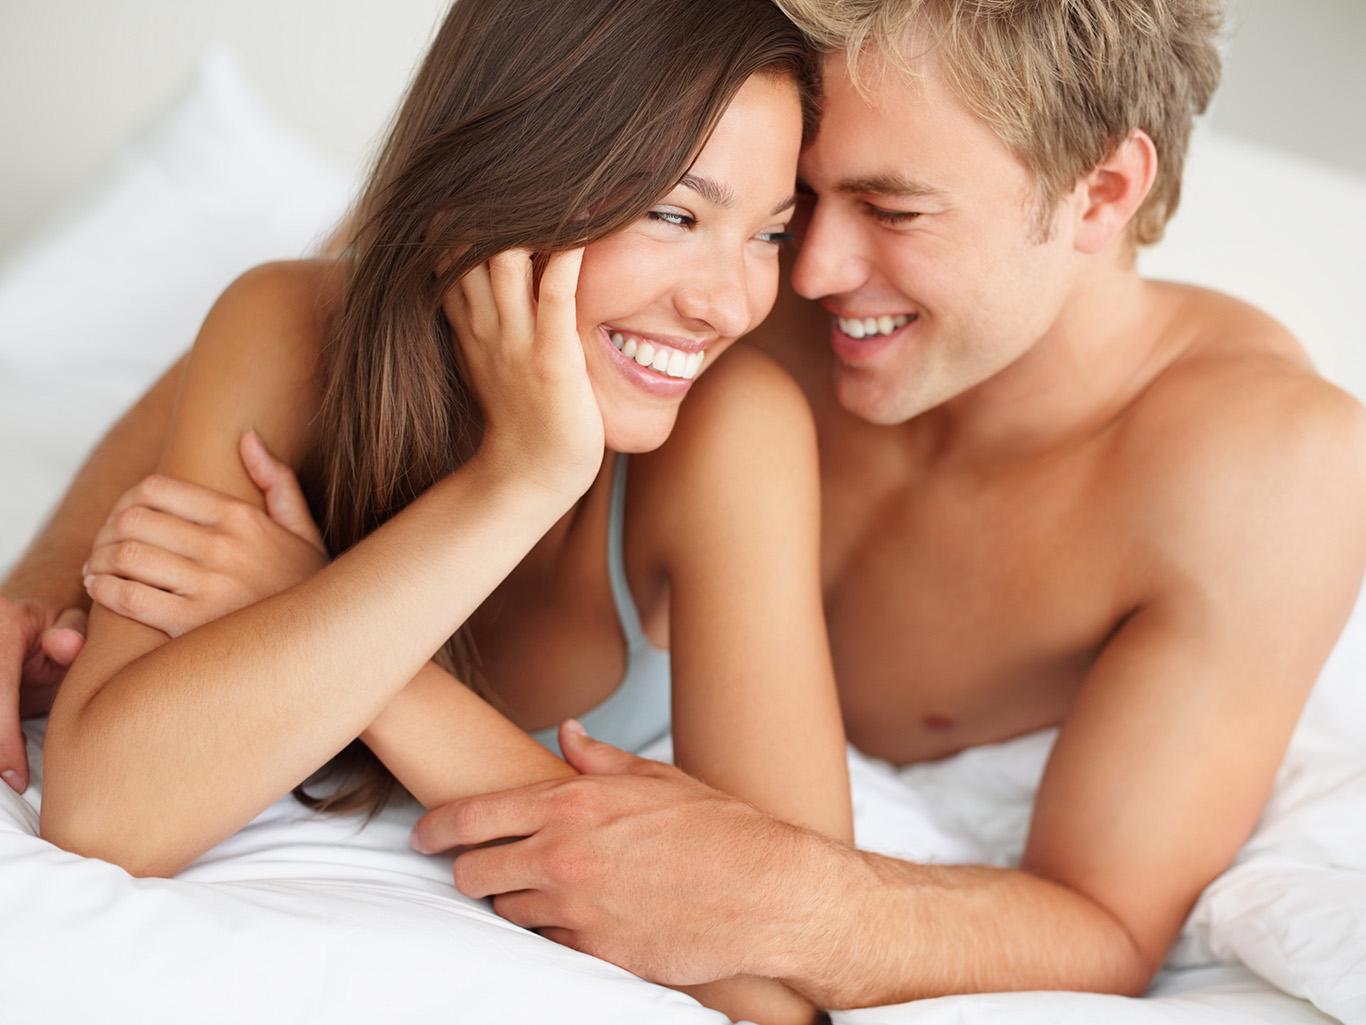 Польза от занятия сексом